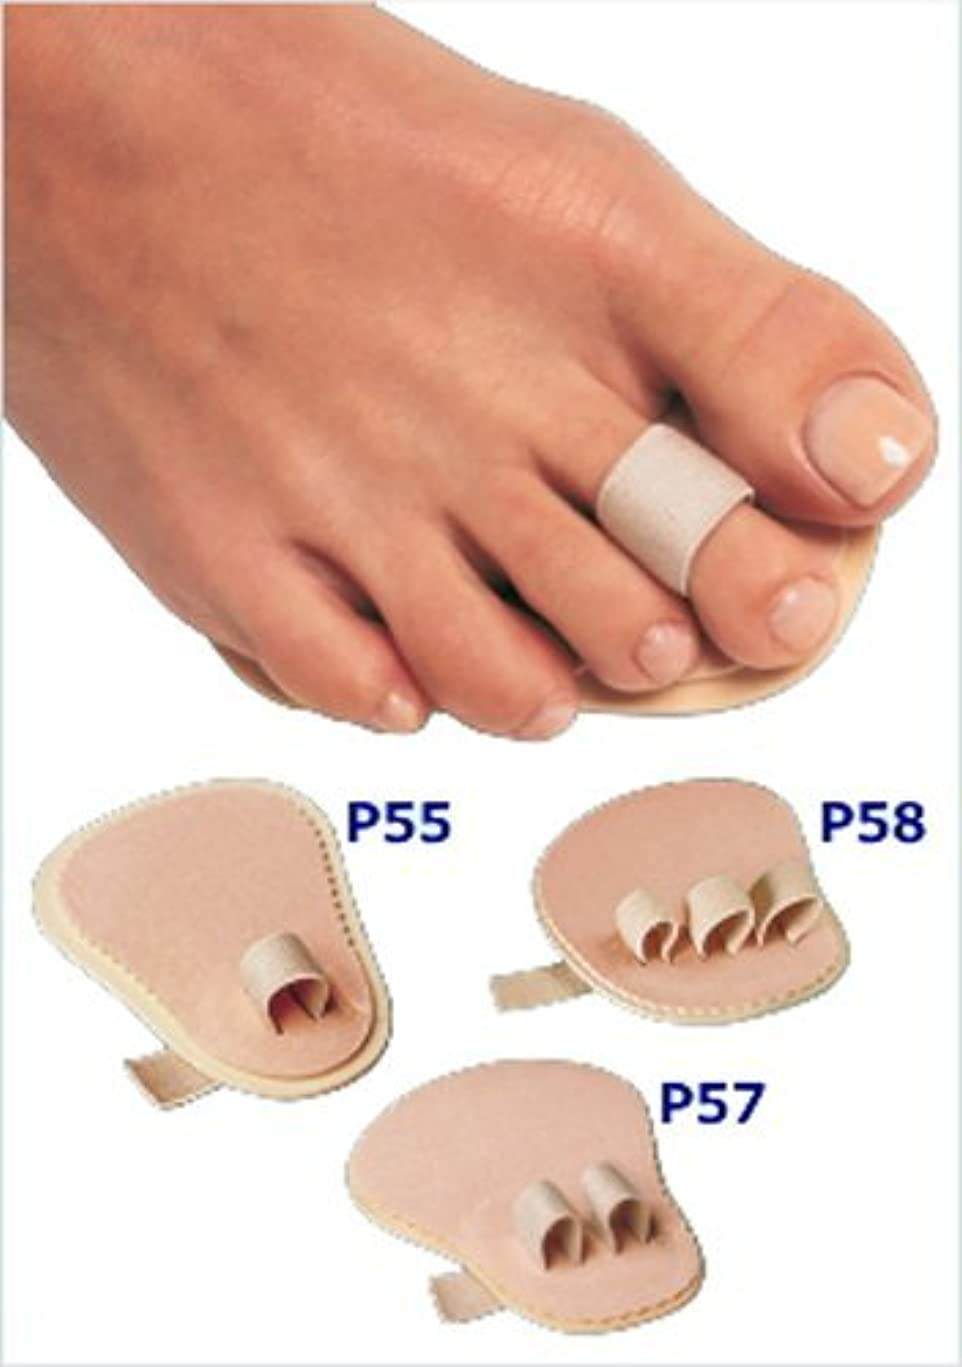 ホラーおかしいリスナー足指補整パッド 第2?3指用(P57)